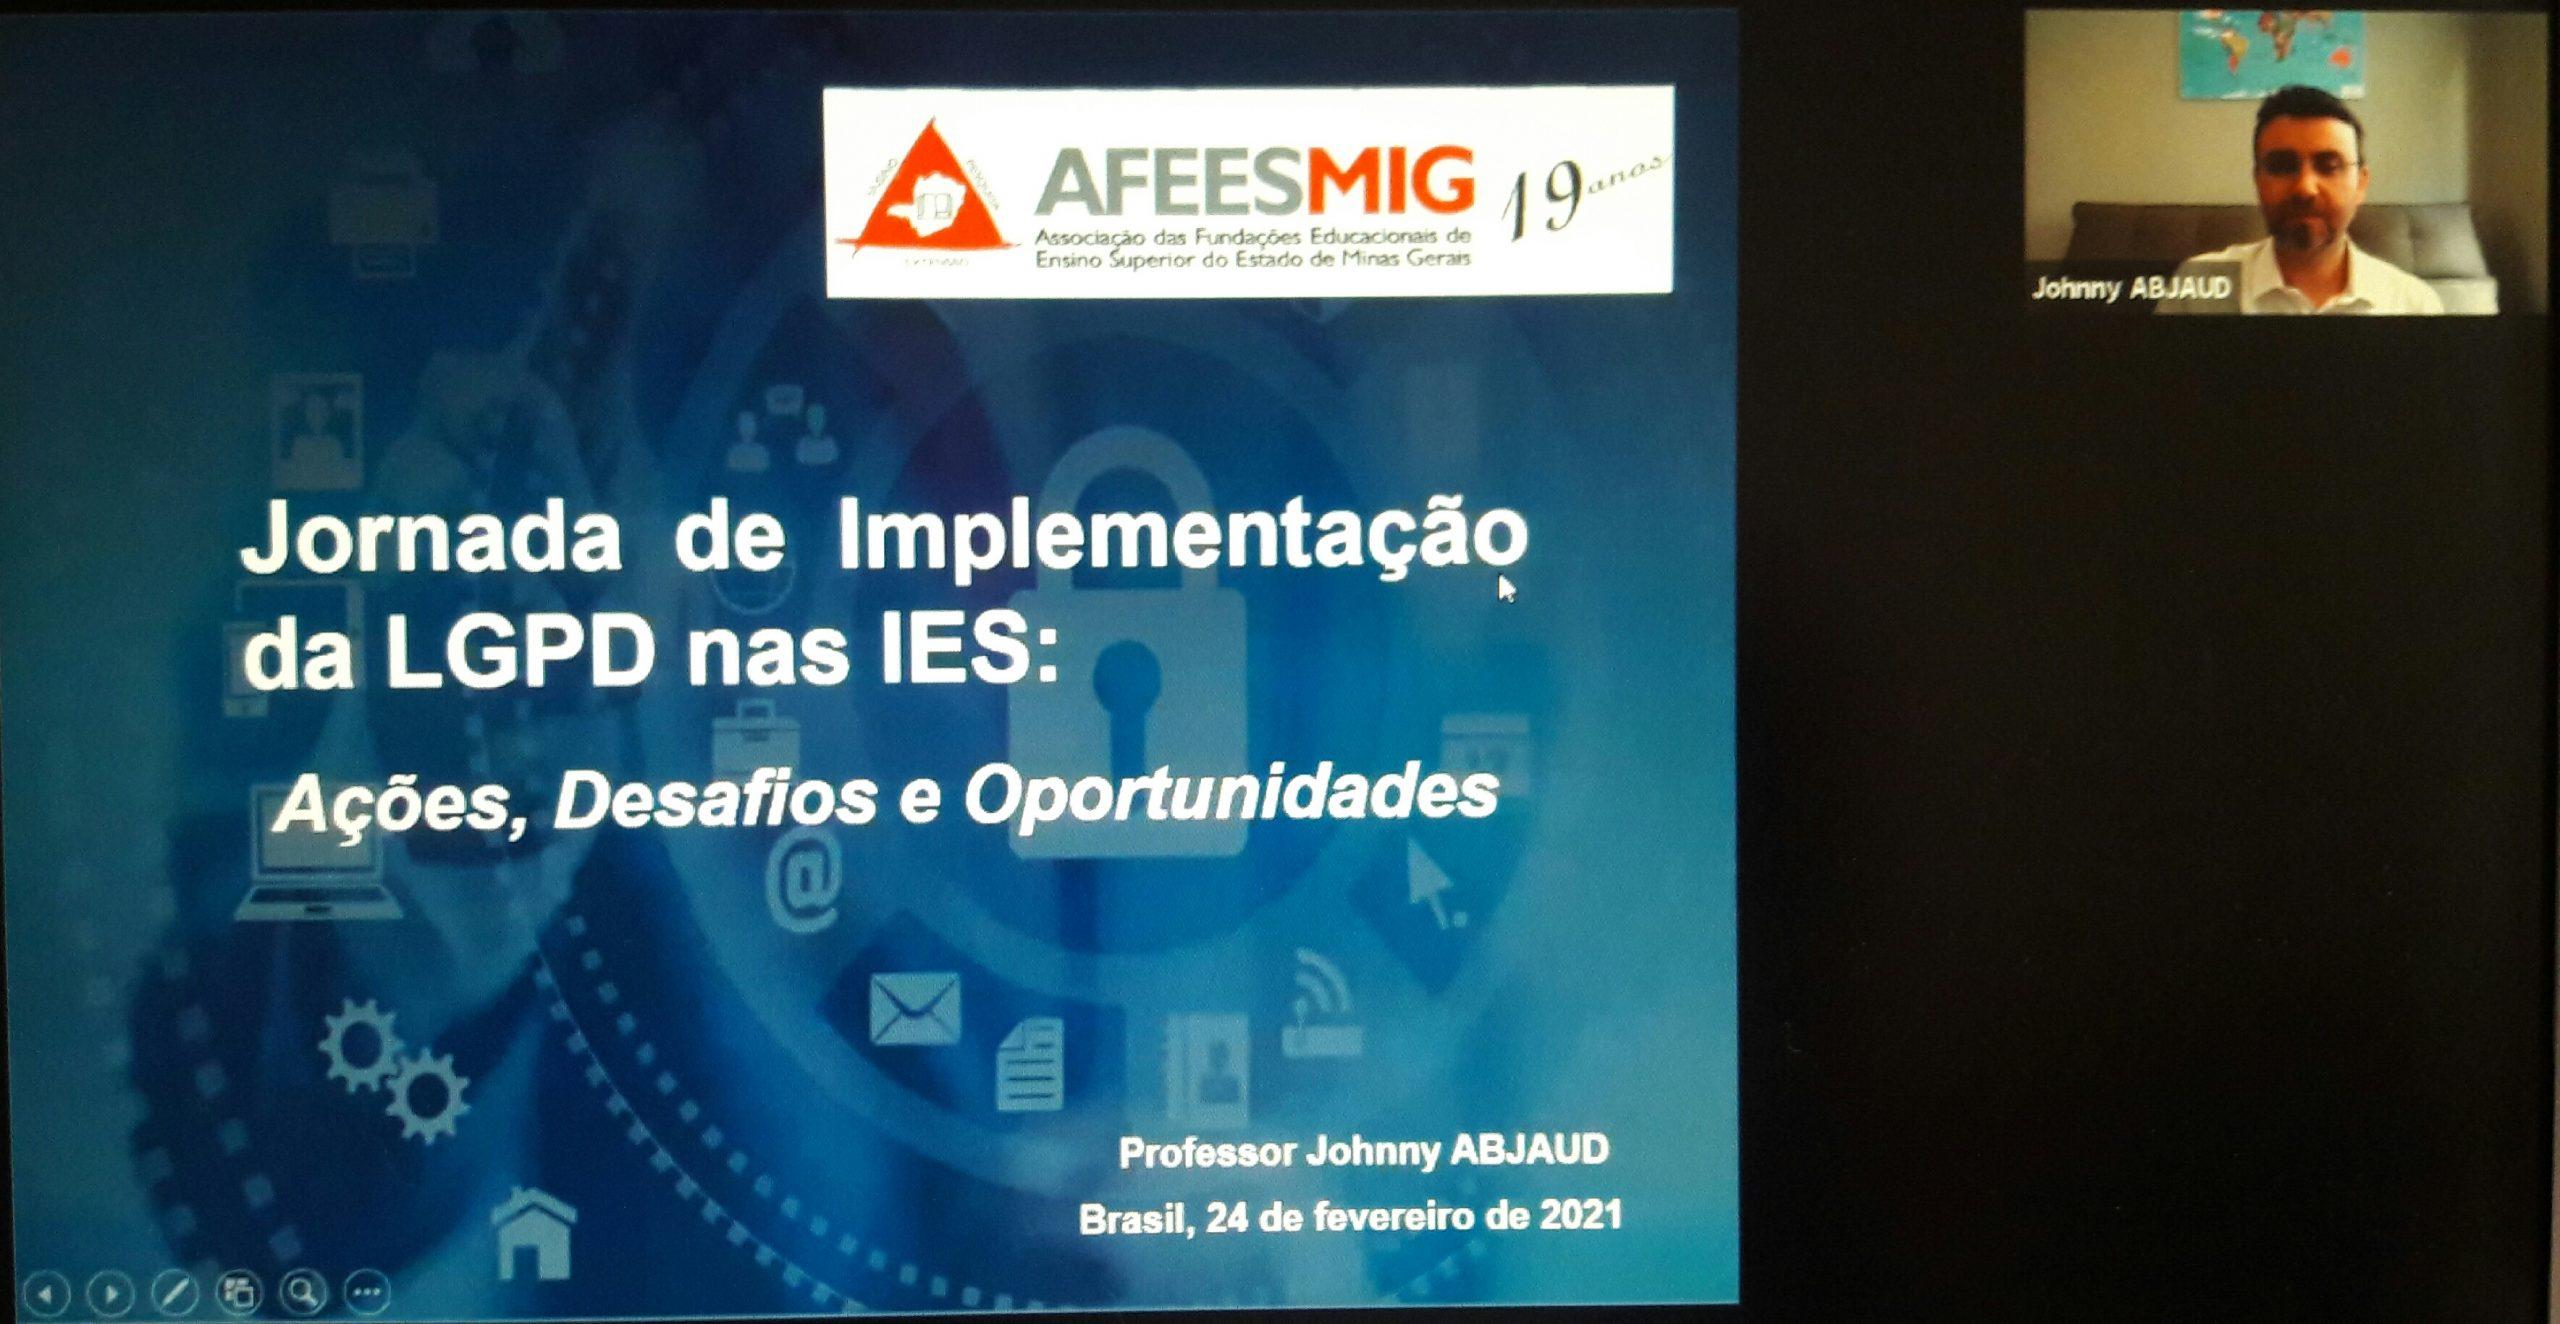 Palestra: A Jornada de Implementação da LGPD nas IES: Ações, Desafios e Oportunidades